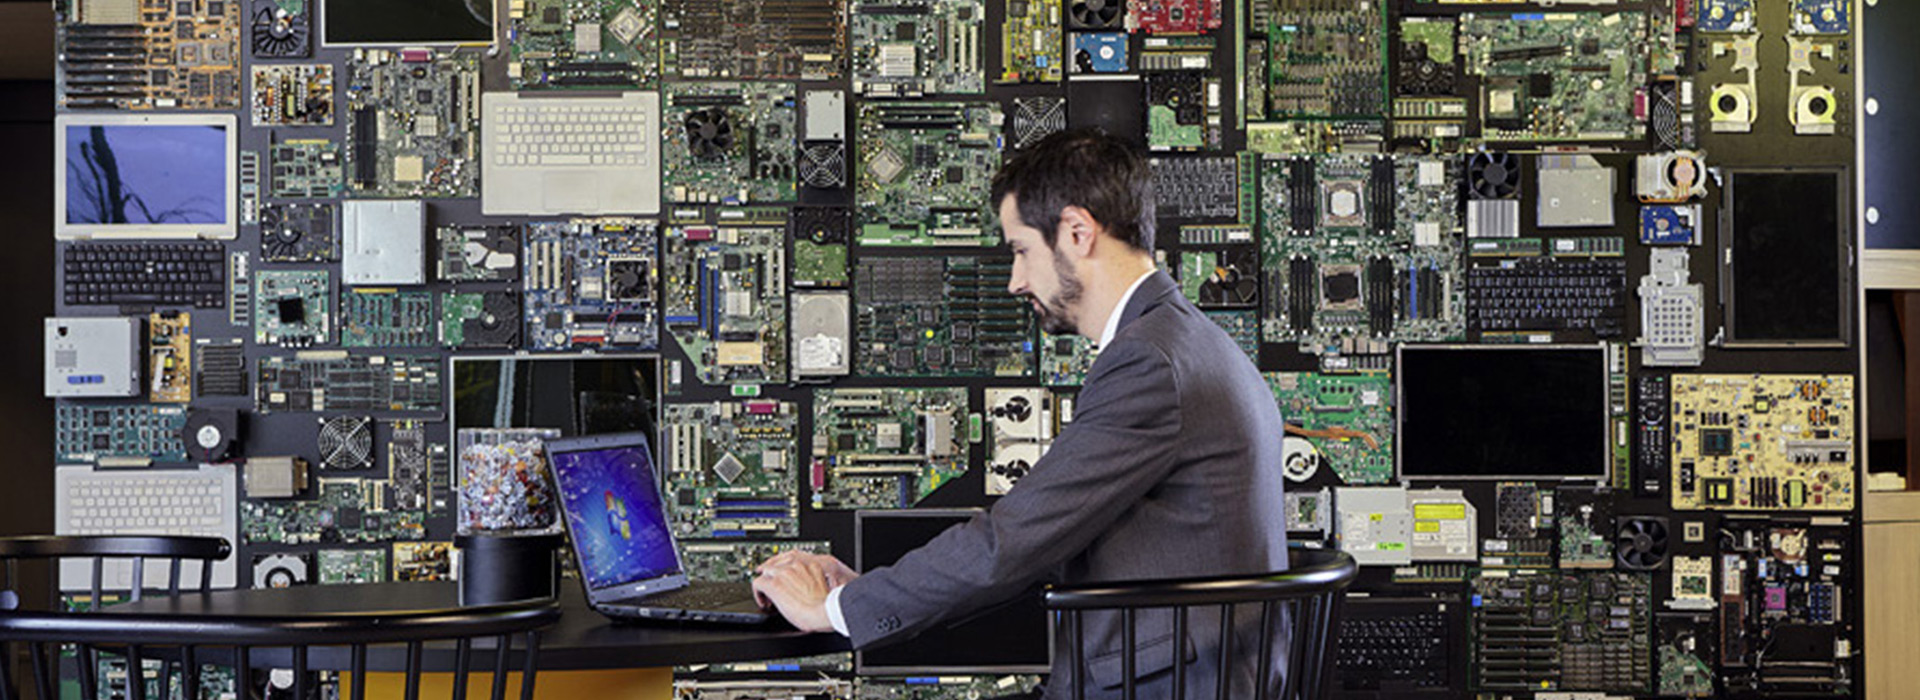 careersdigitalproductsit